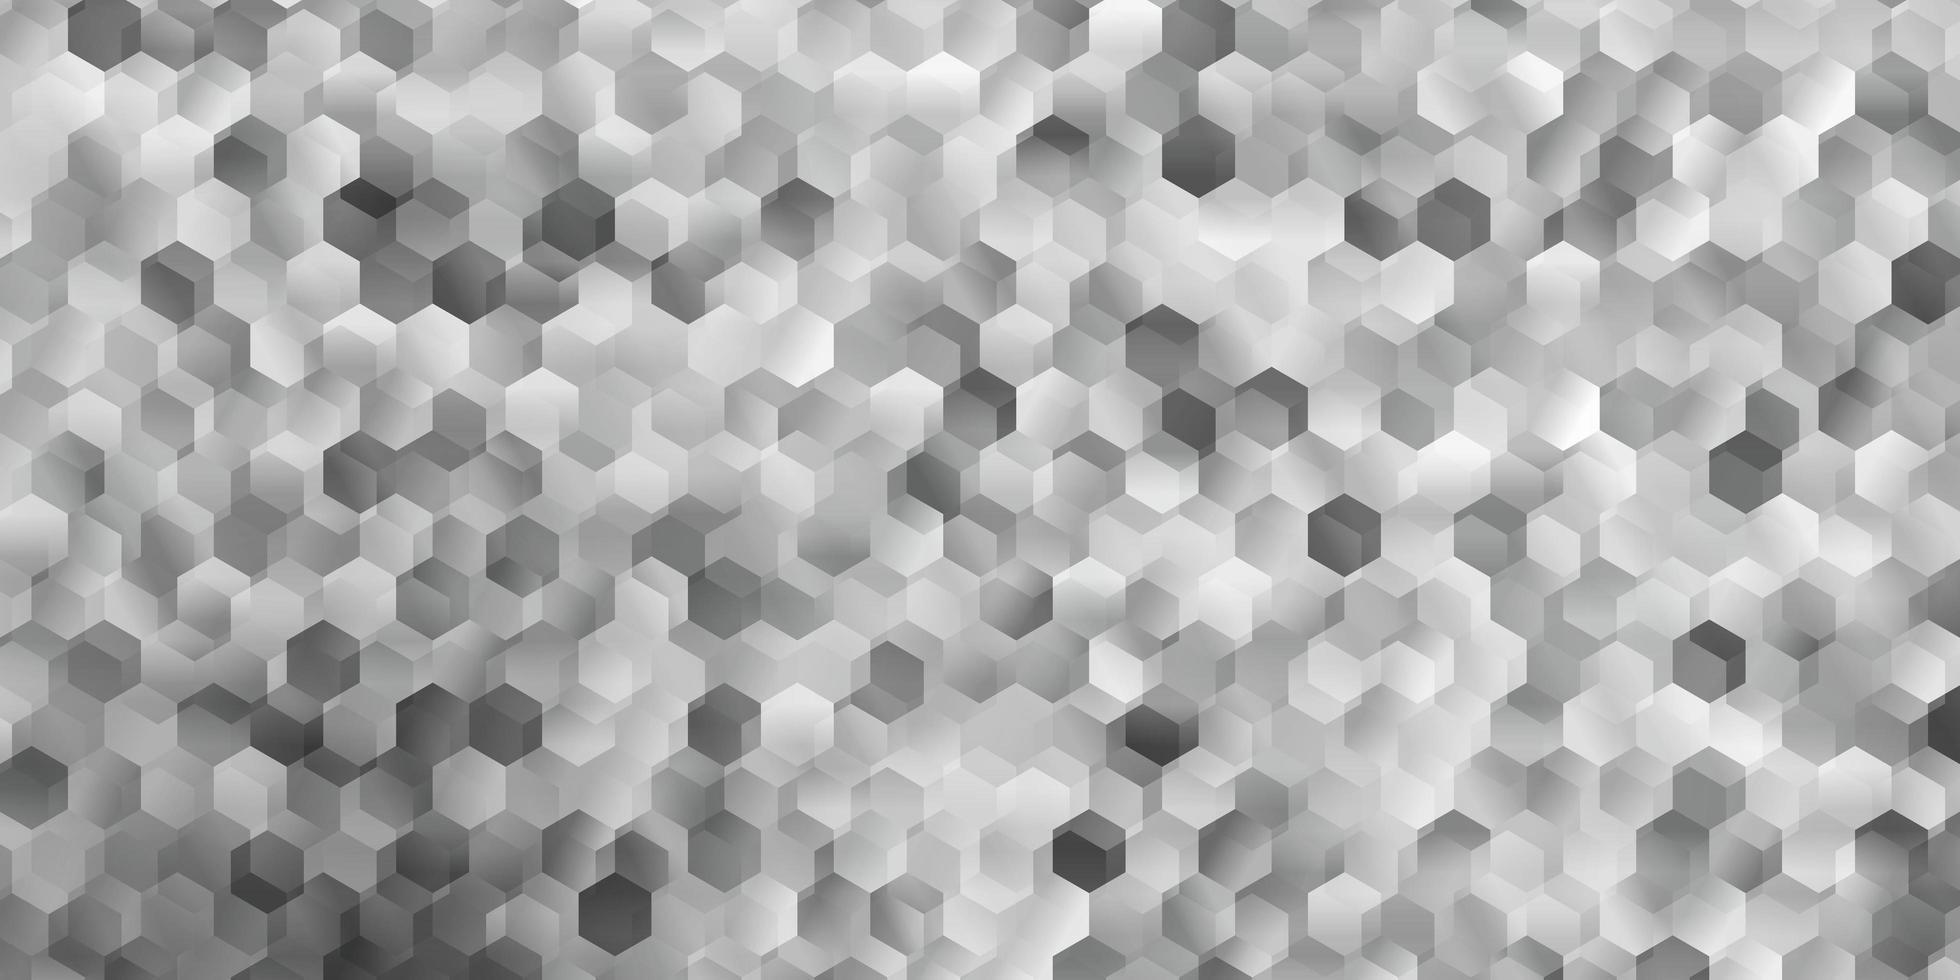 lichtgrijs vectorpatroon met zeshoeken. vector